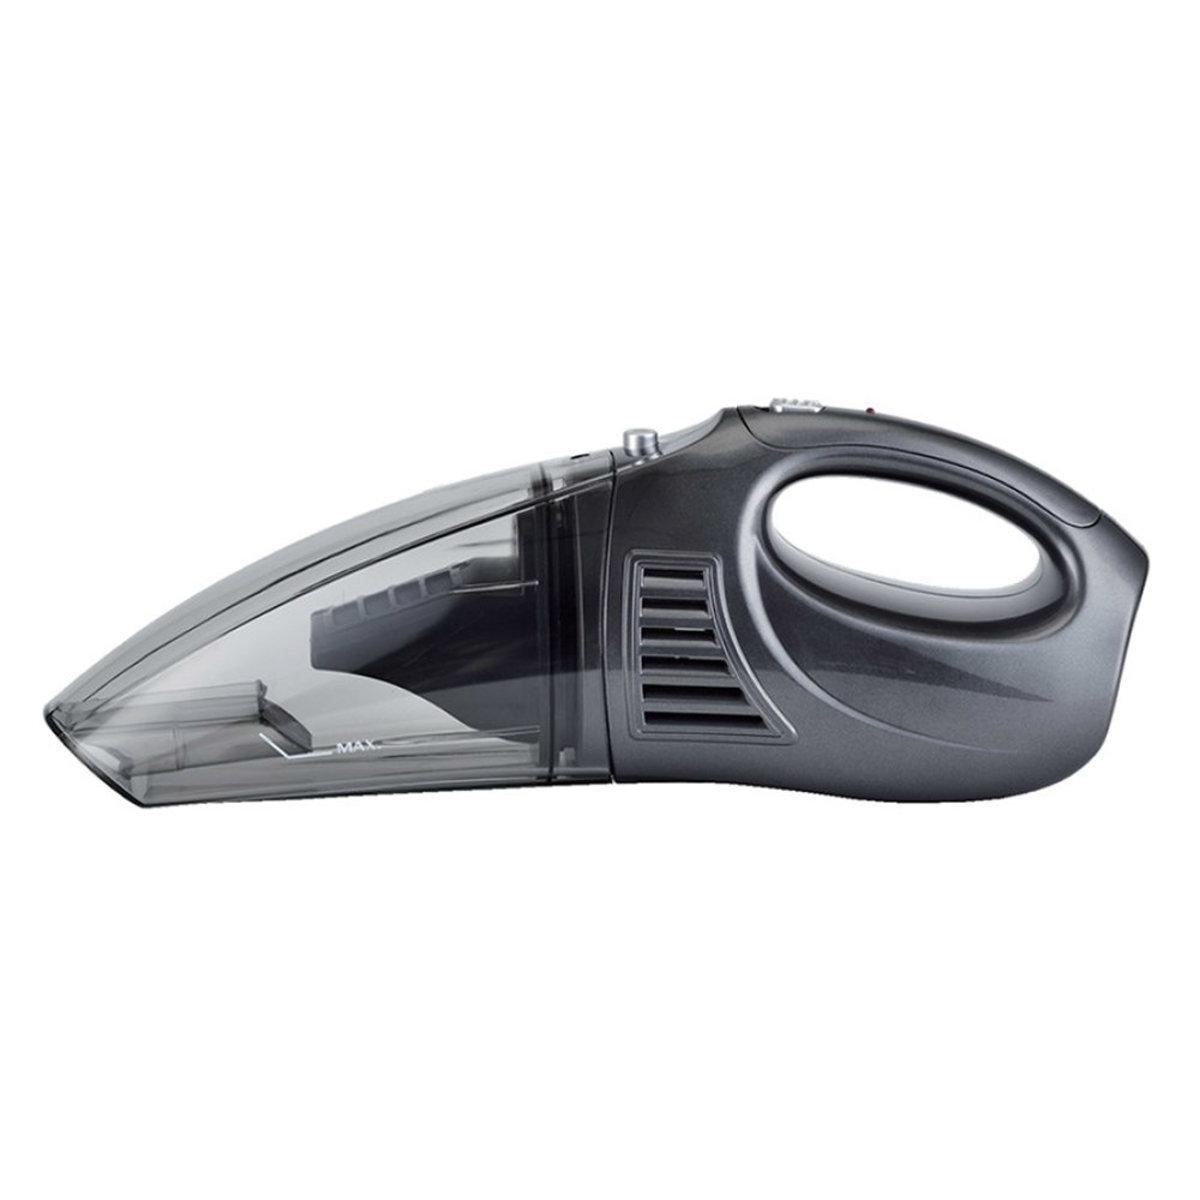 Wireless Vacuum Cleaner - QC-150